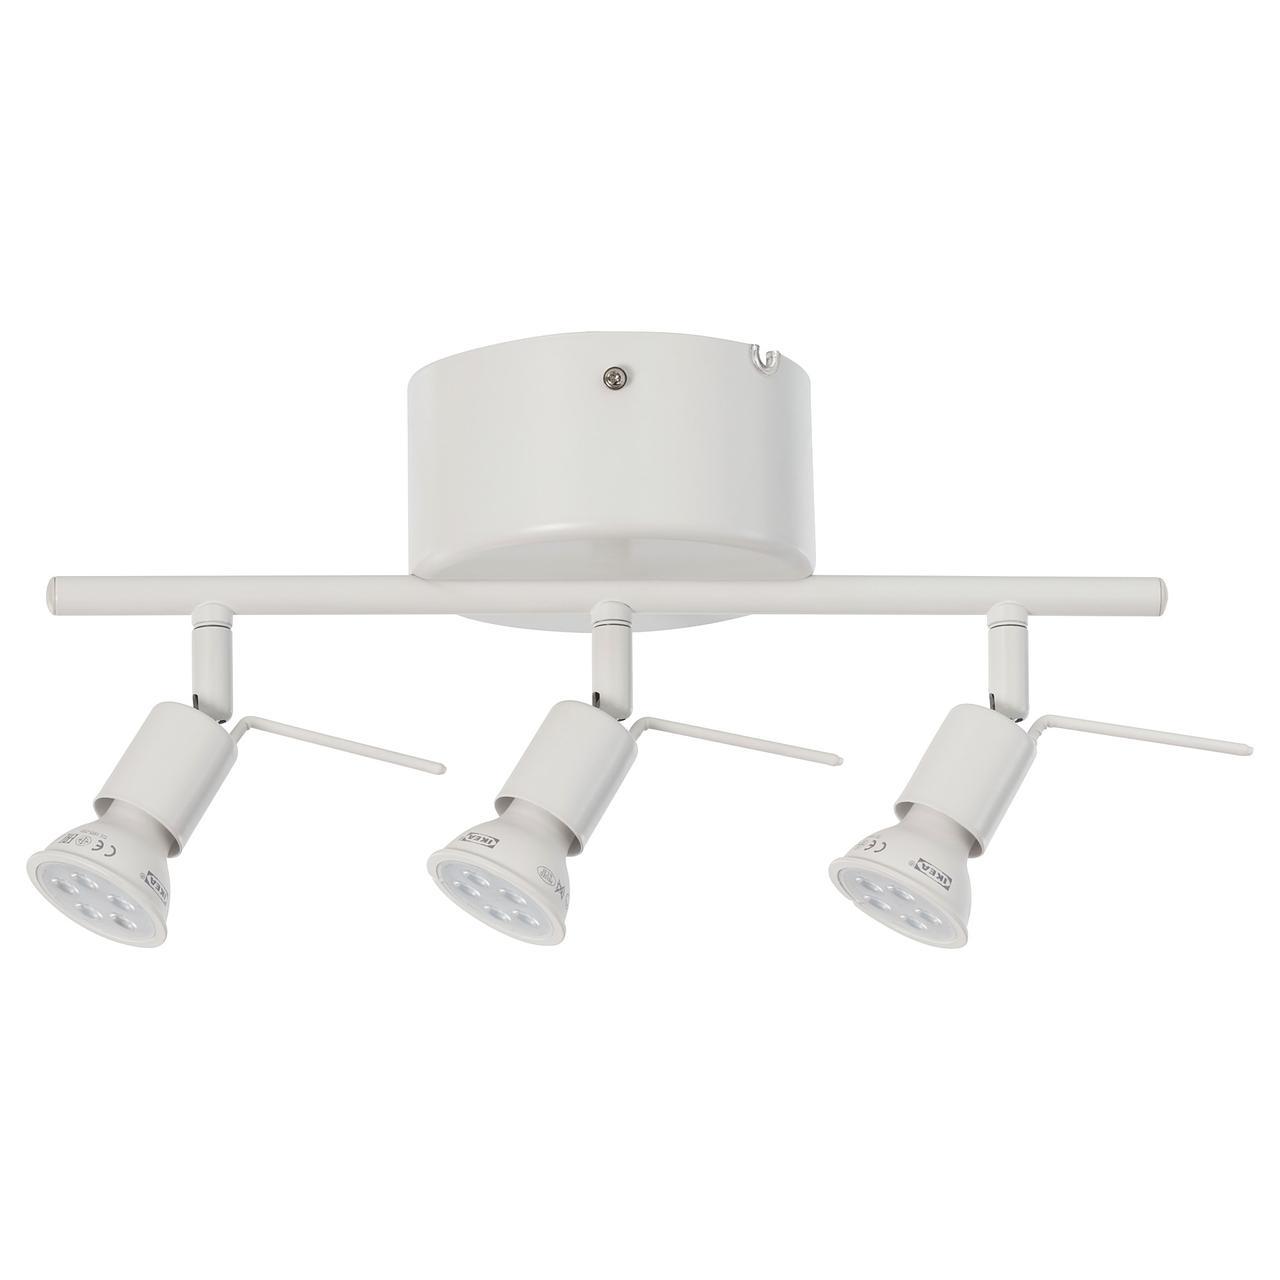 ТРОСС Потолочная шина, 3 лампы, белый